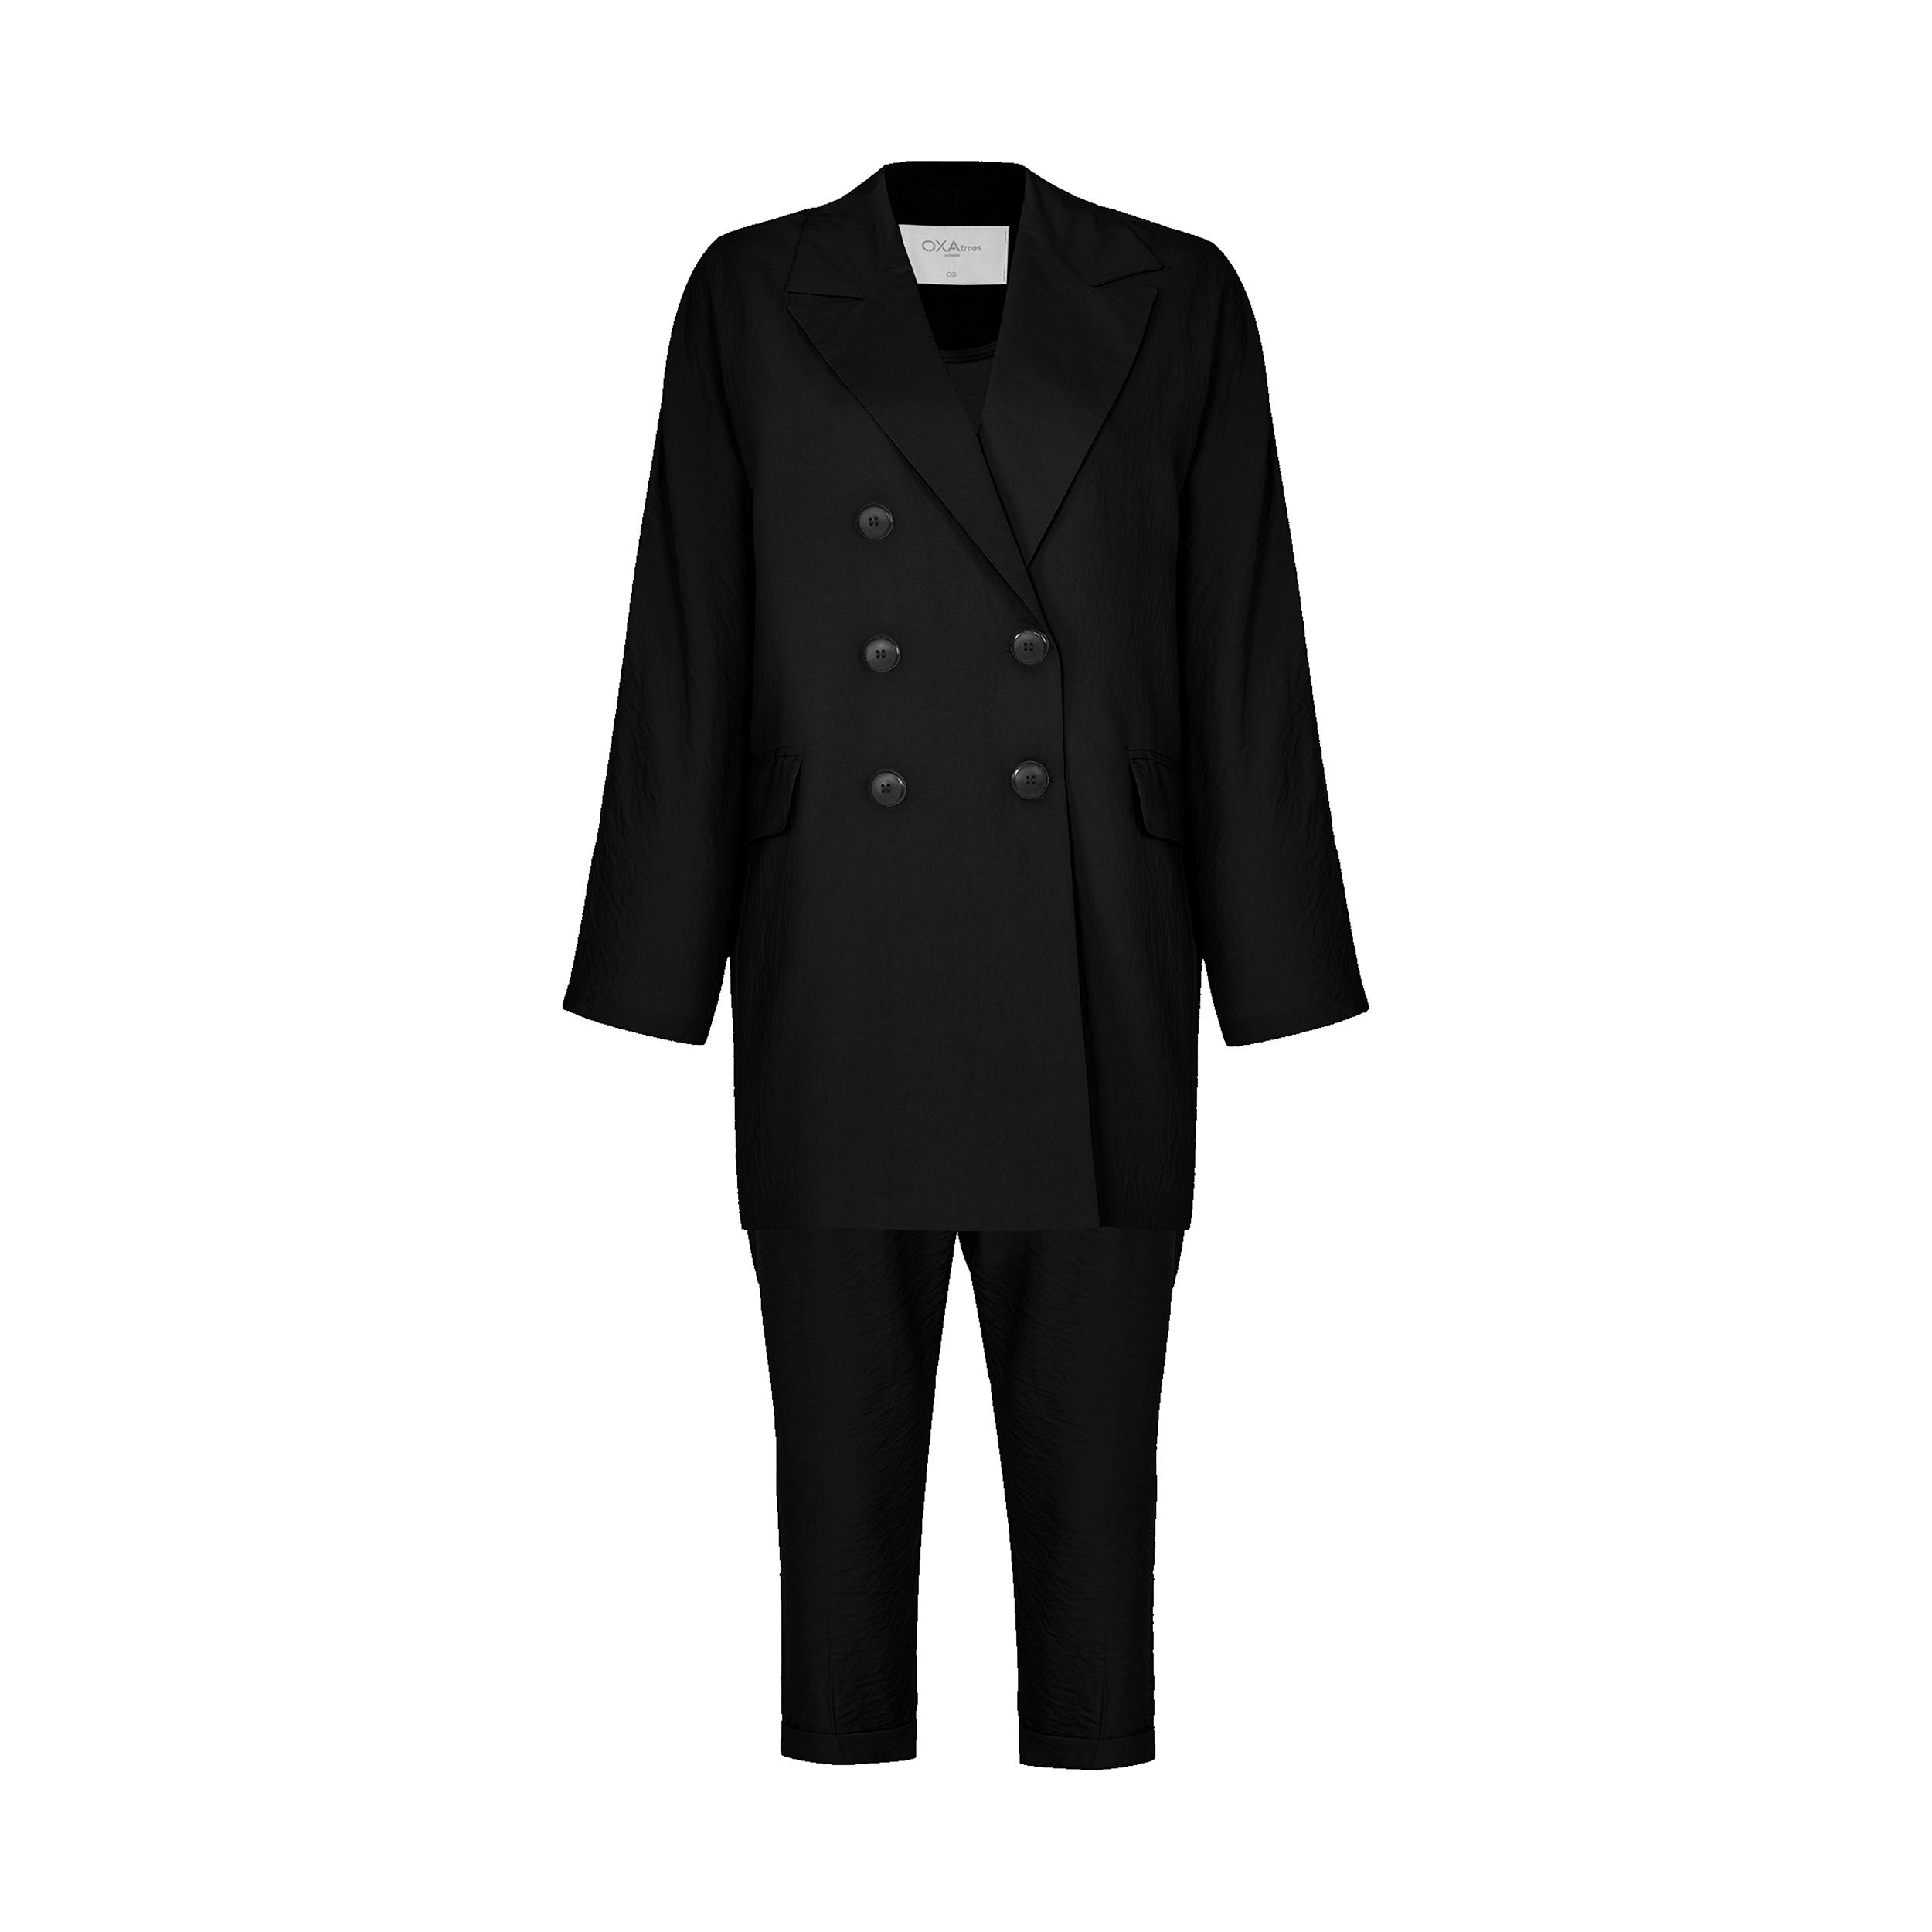 خرید                                     ست کت و شلوار زنانه اکزاترس مدل I017001002250009-002